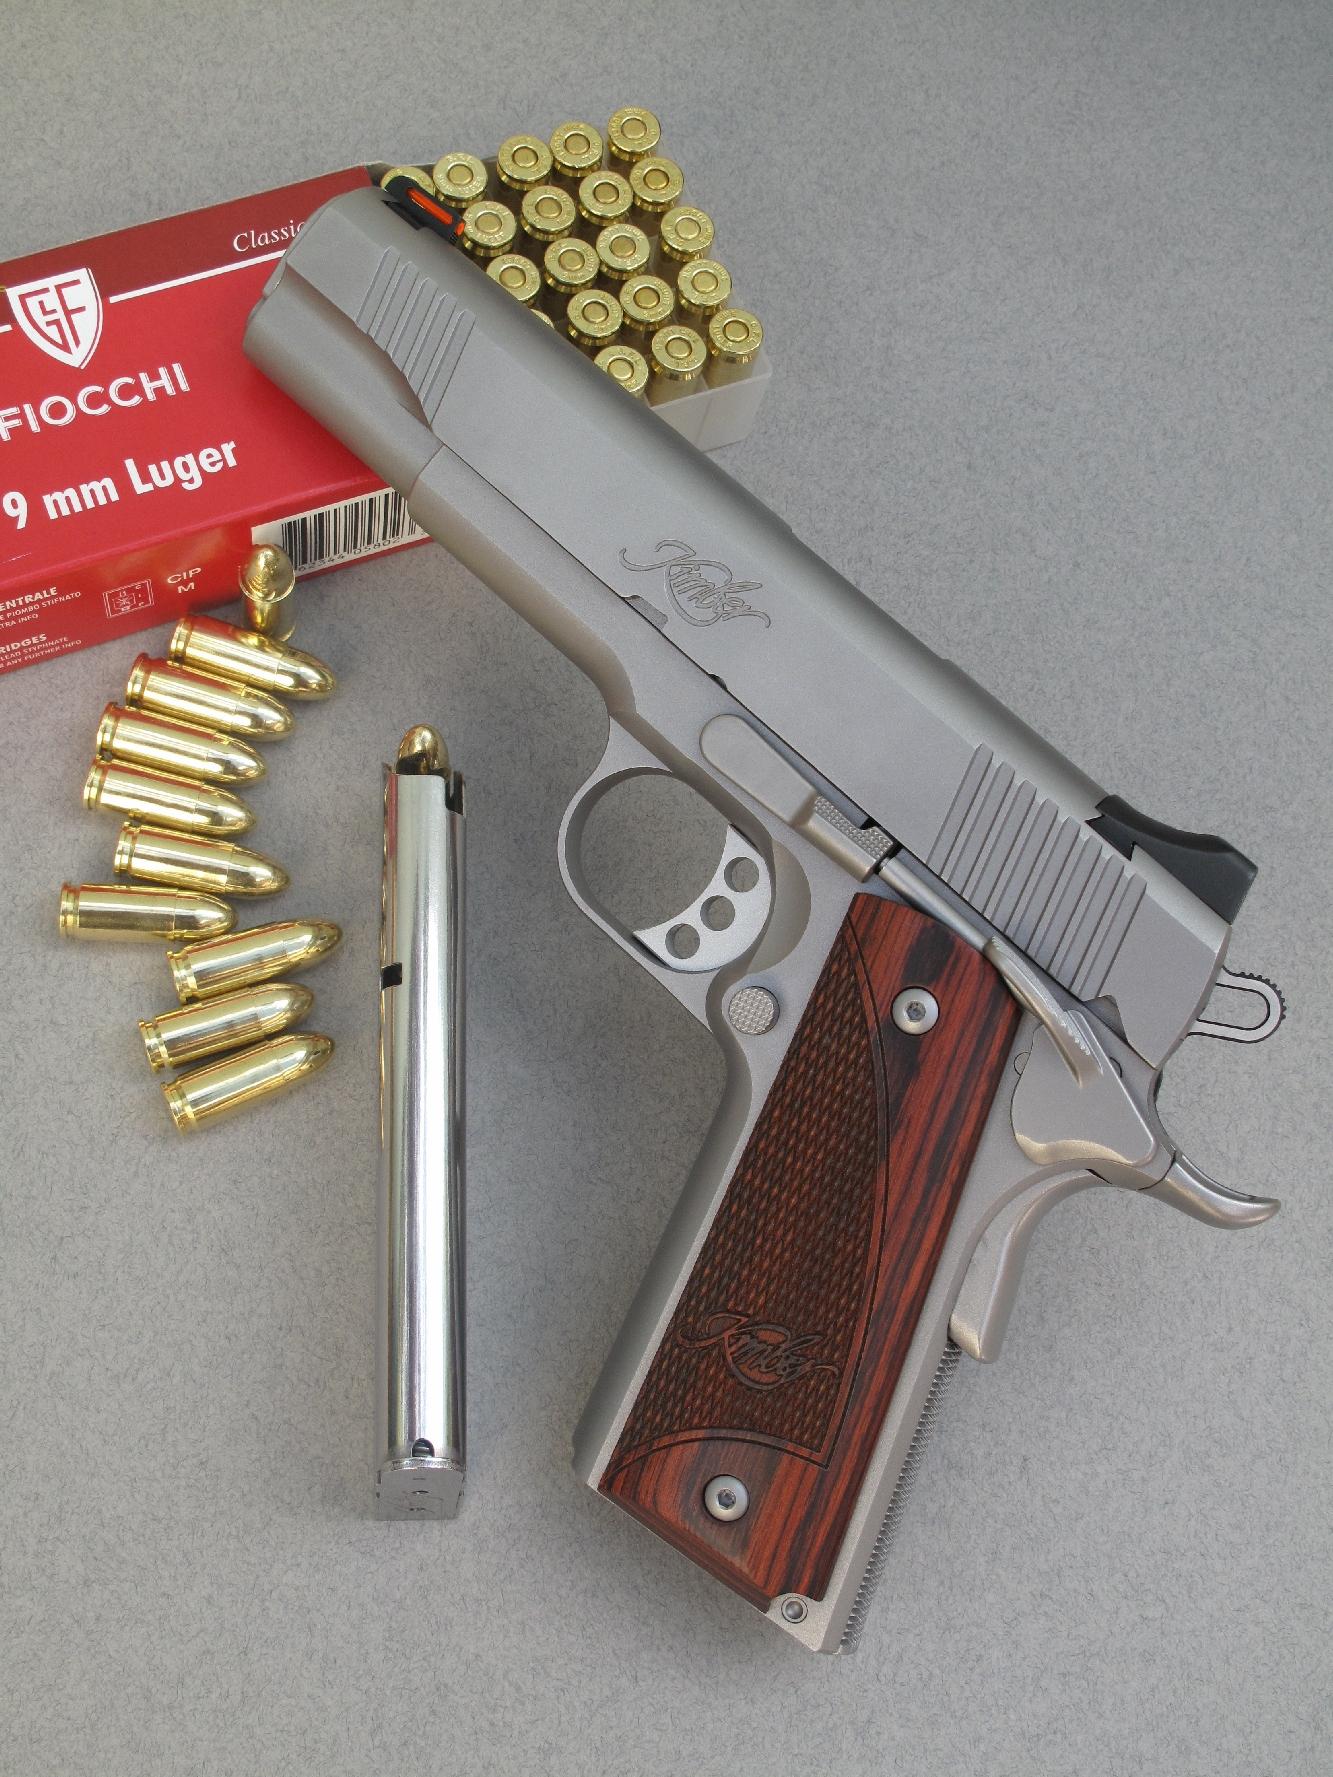 Le pistolet Kimber 1911 Stainless II est accompagné ici par son chargeur de neuf coups et par une boîte de cartouches à balle blindée manufacturée par la firme italienne Fiocchi.